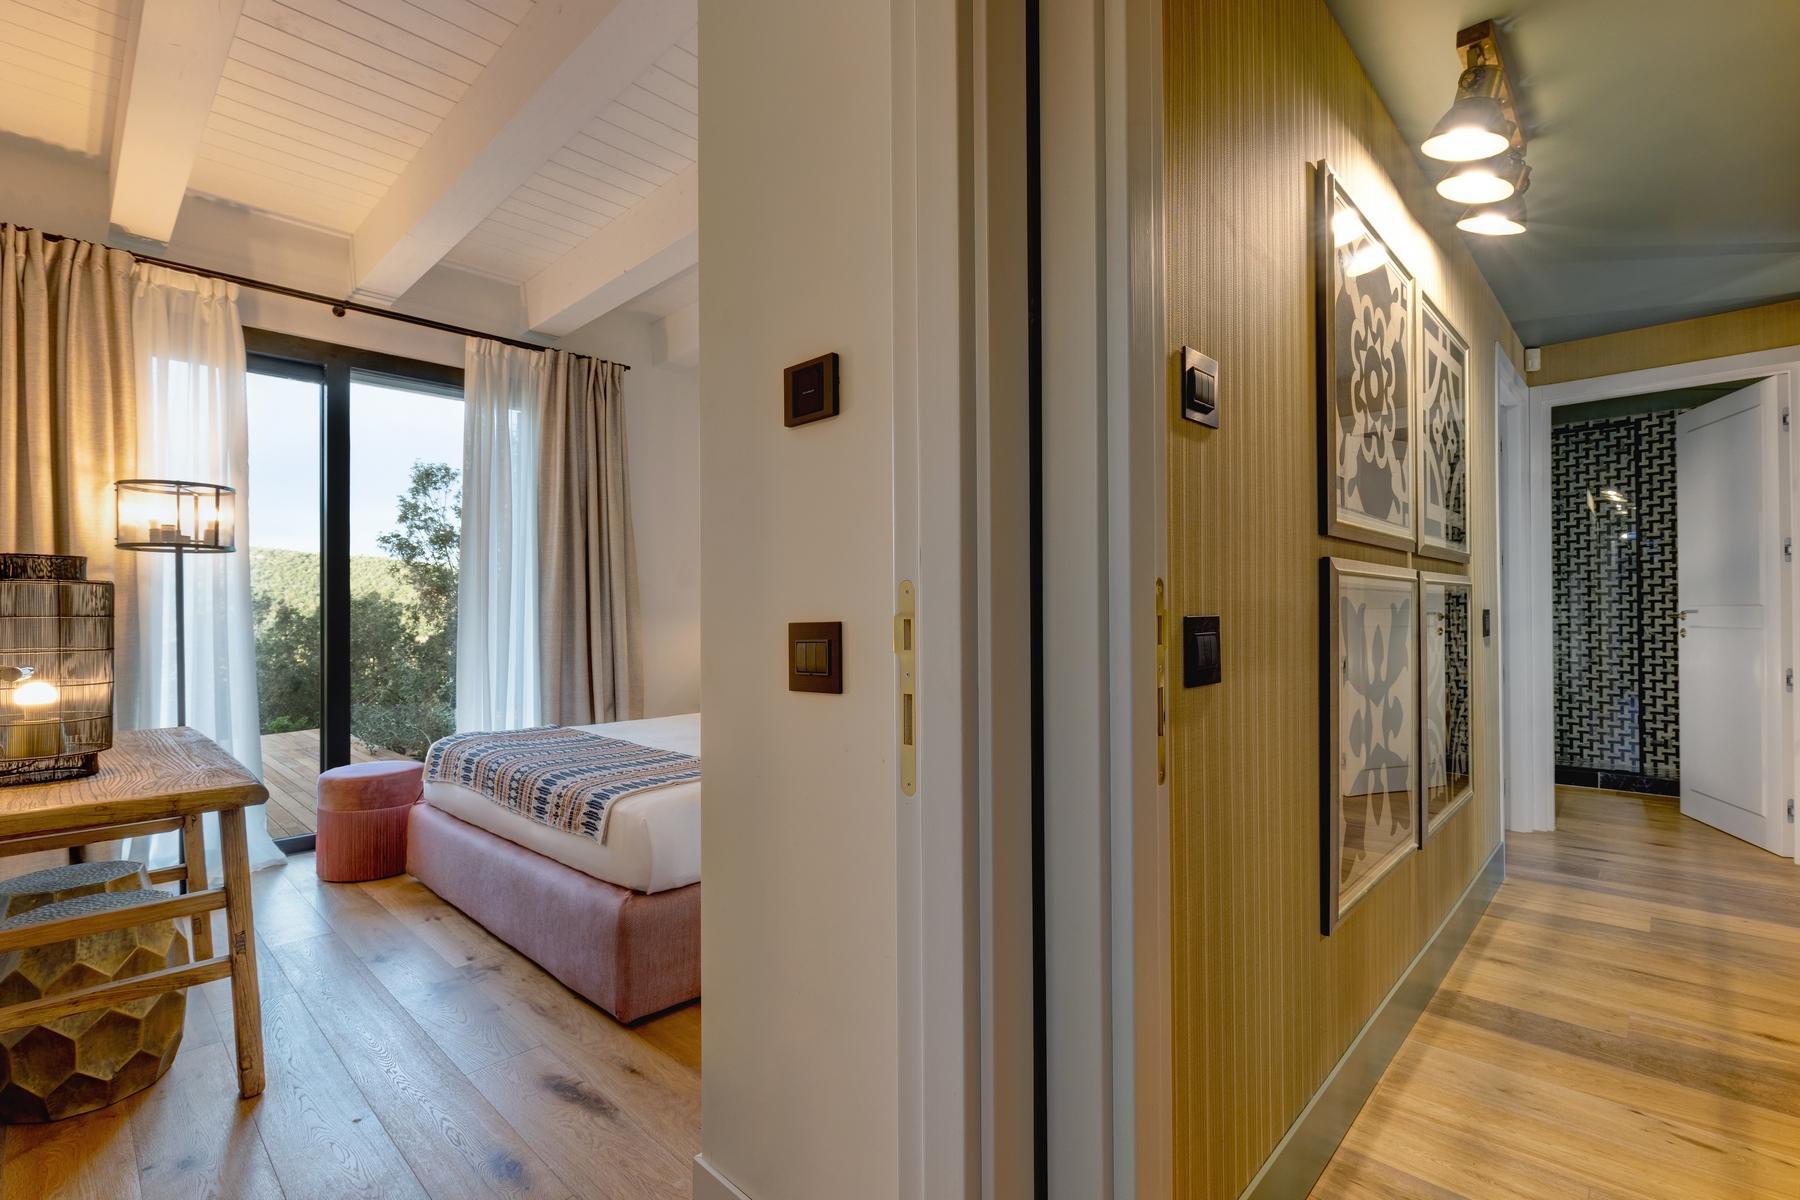 Magnifique villa avec vue imprenable sur le lagon d'Orbetello - 11